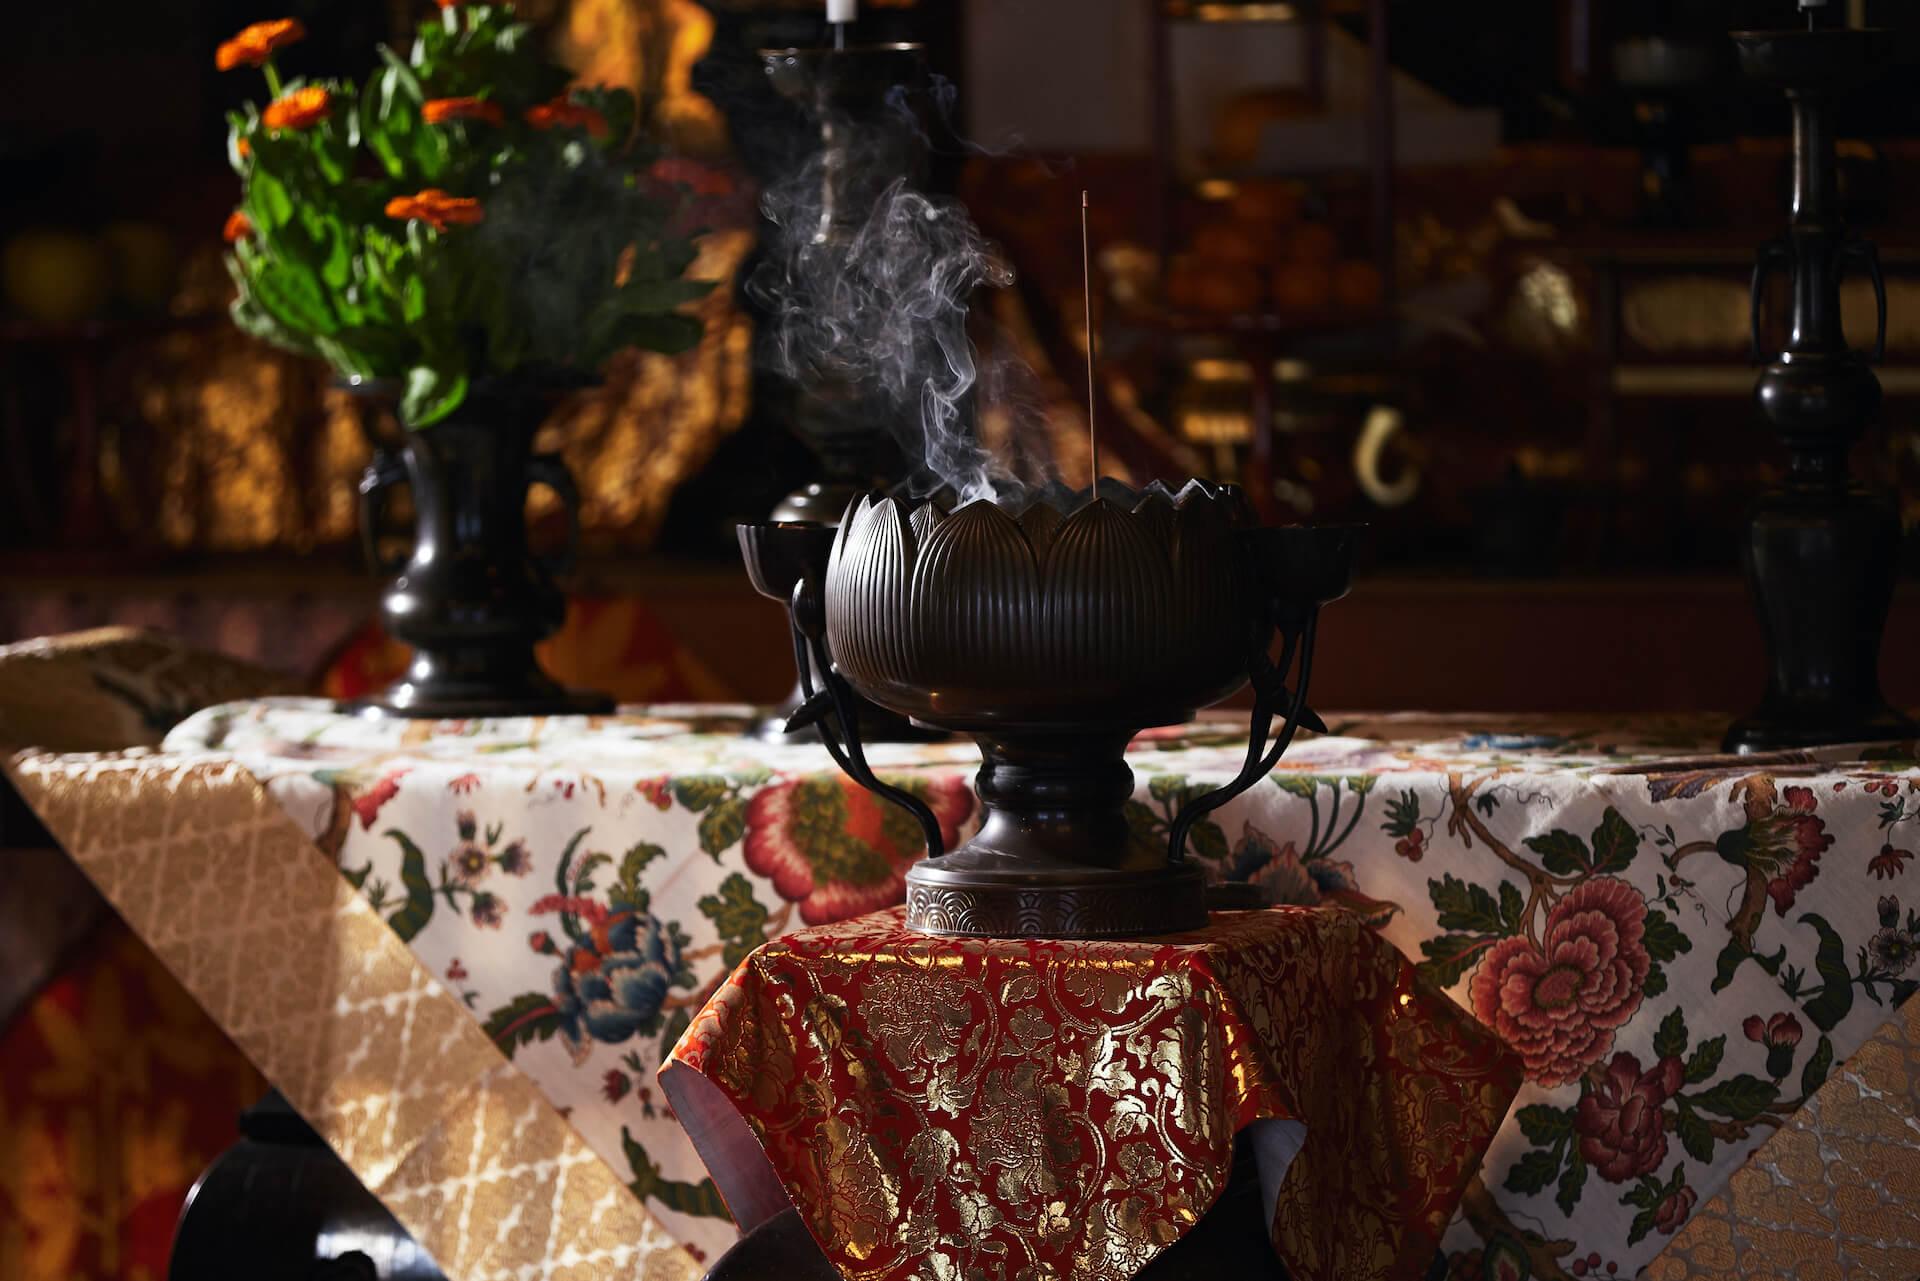 バーチャルを駆使した仮想大中寺で禅の世界を体感<MUSO Culture Festival 2021>レポート column210318_muso-05